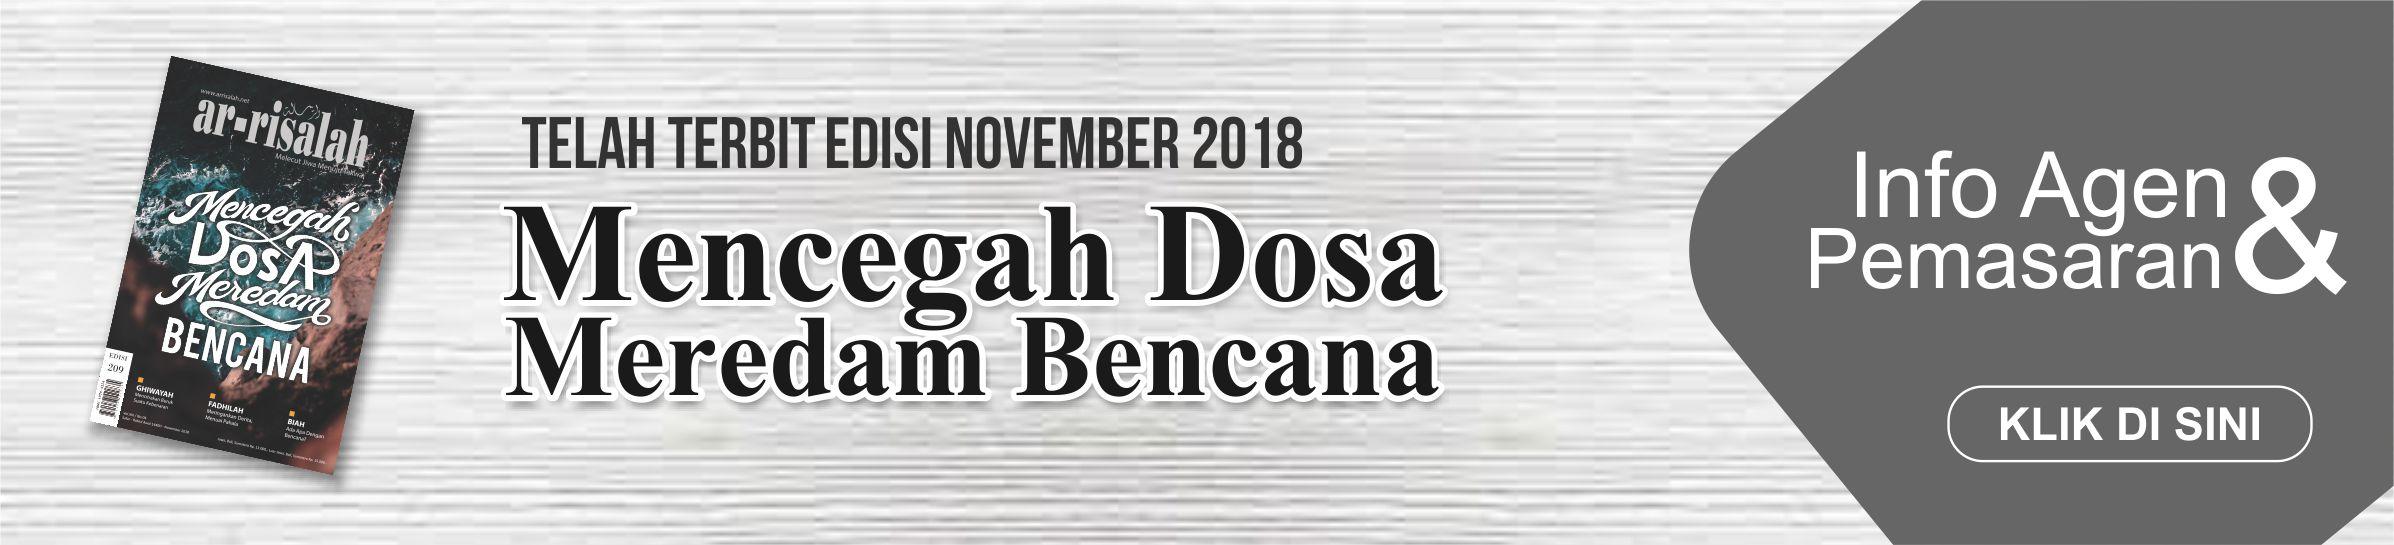 iklan majalah ar-risalah november